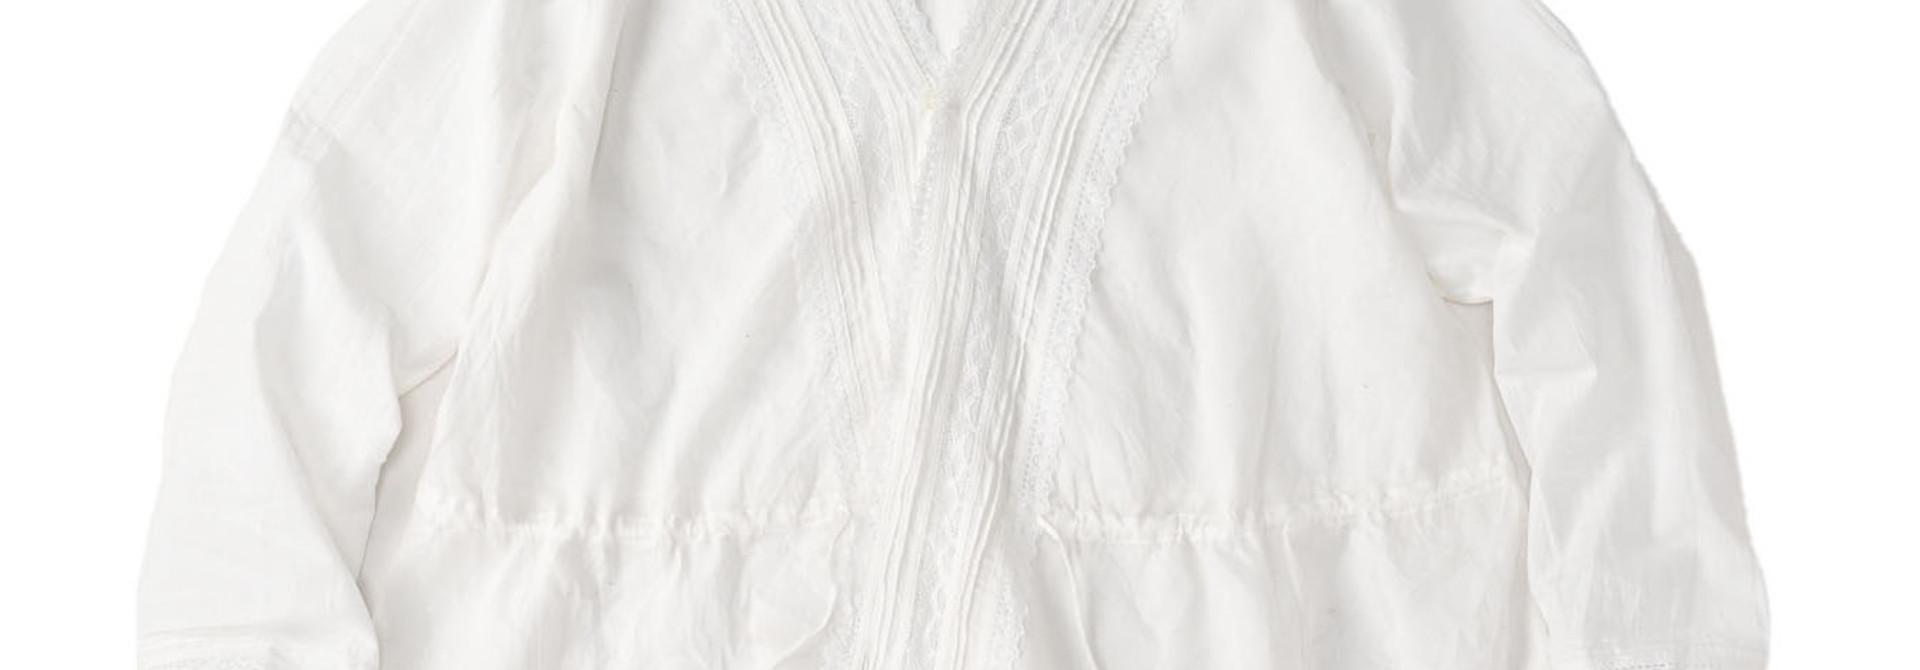 Indian Khadi Lace Cache-coeur Blouse (0621)